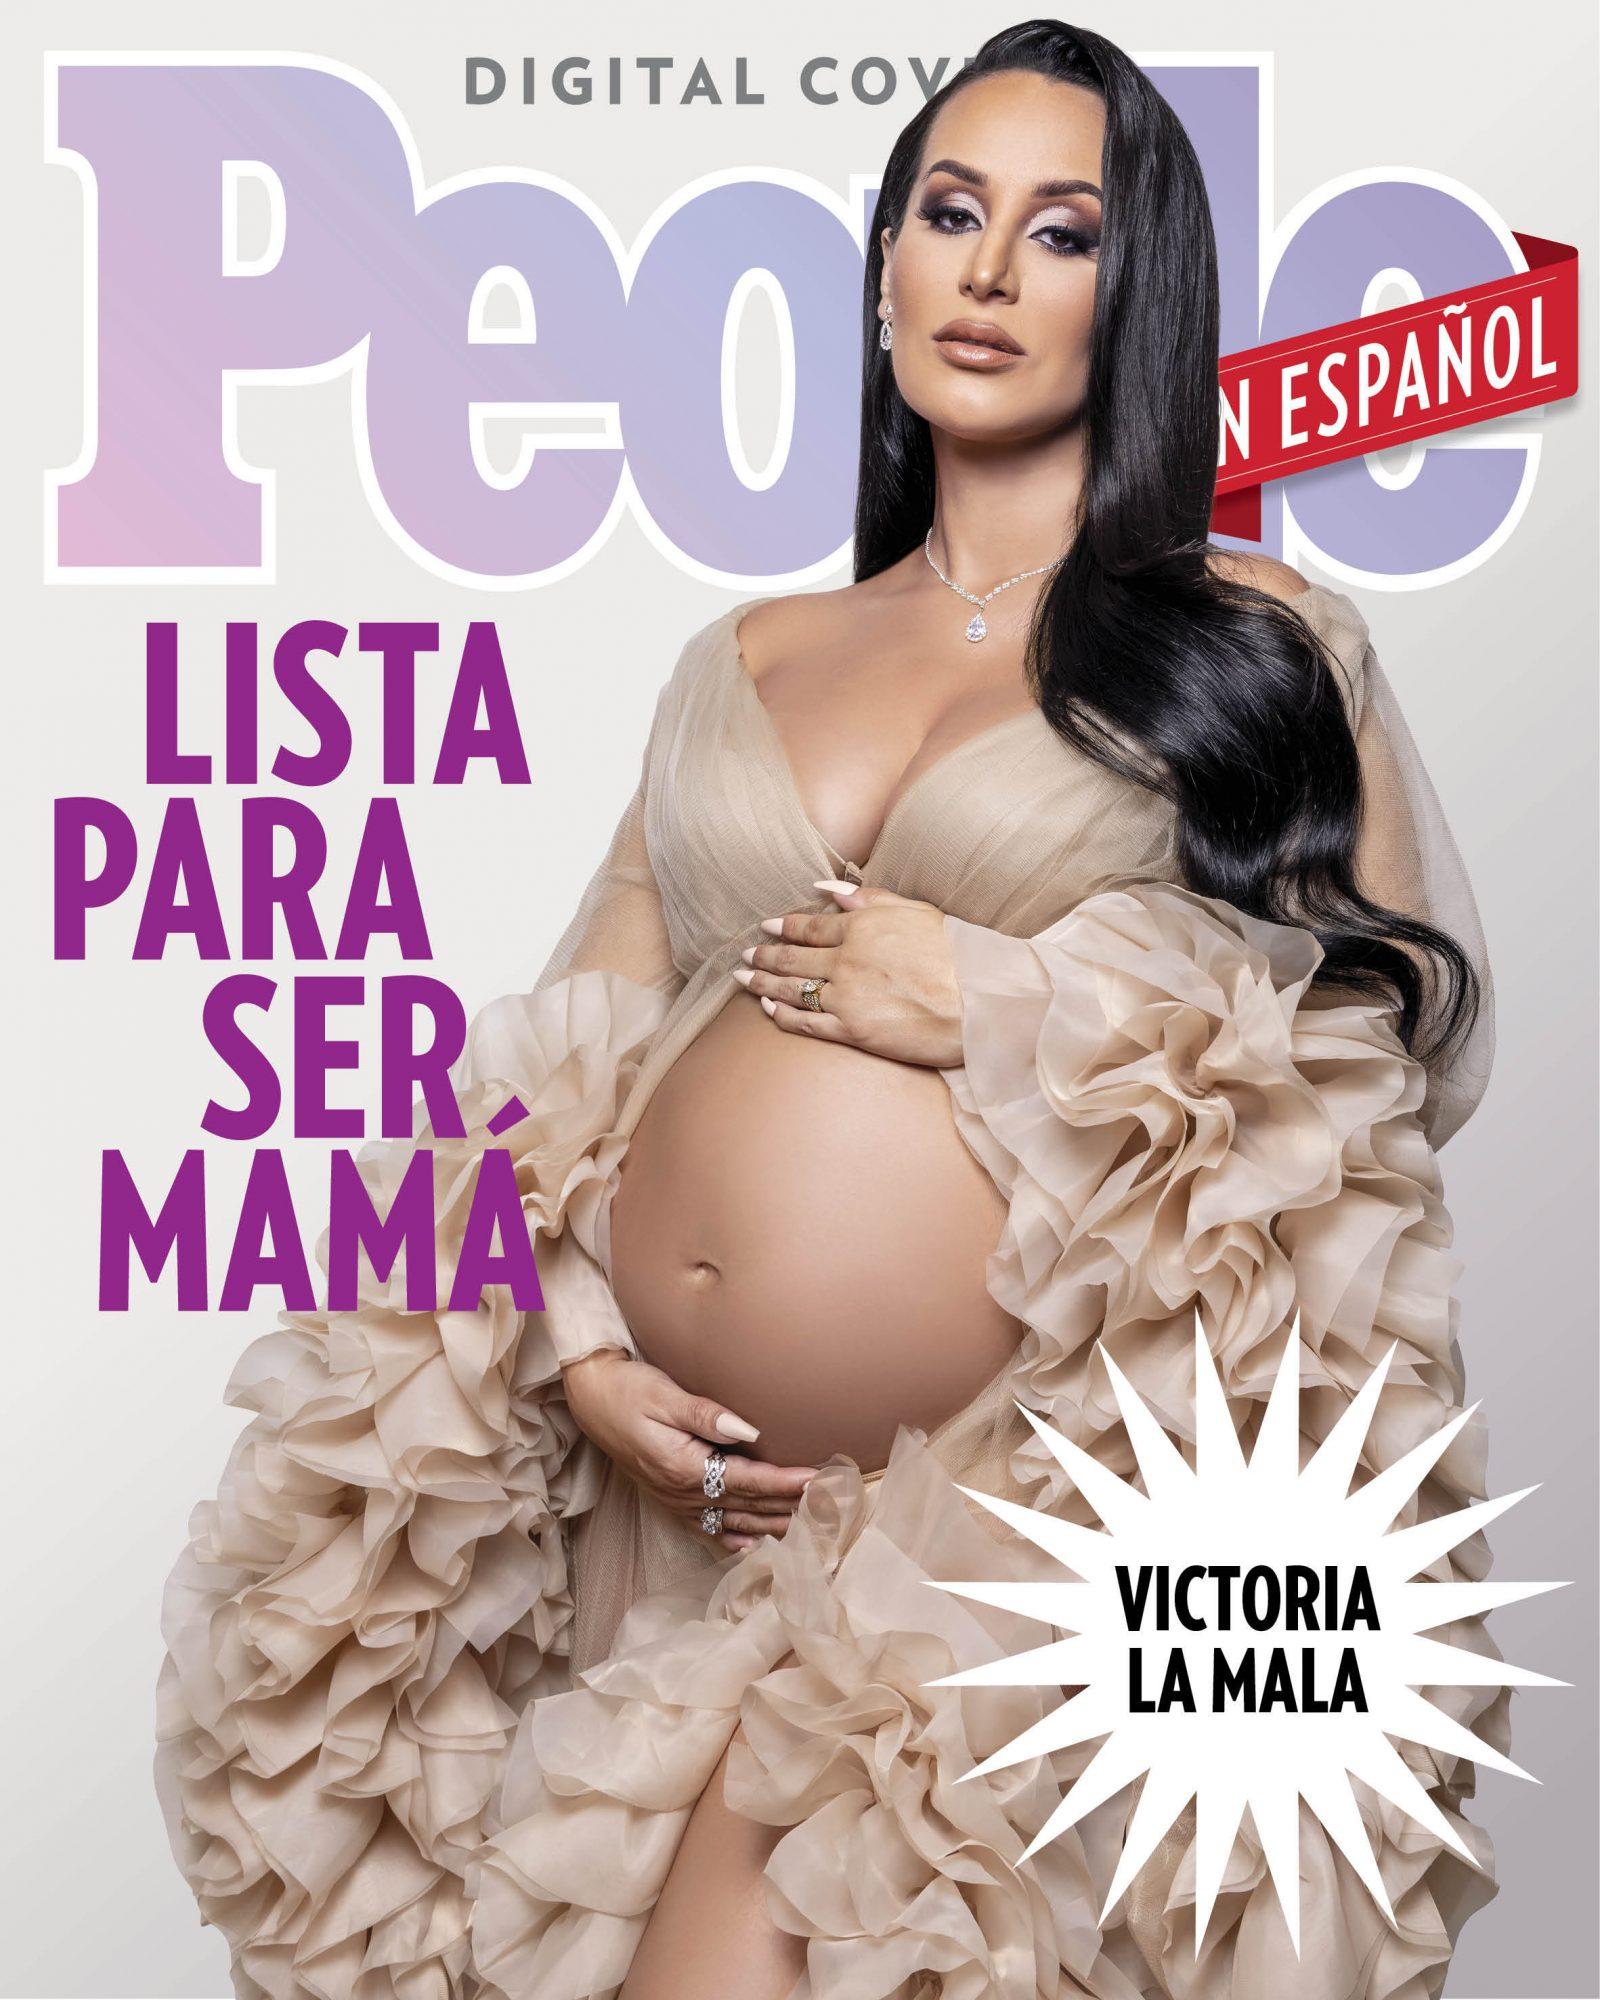 Victoria La Mala y Eriq Patinio Digital Cover